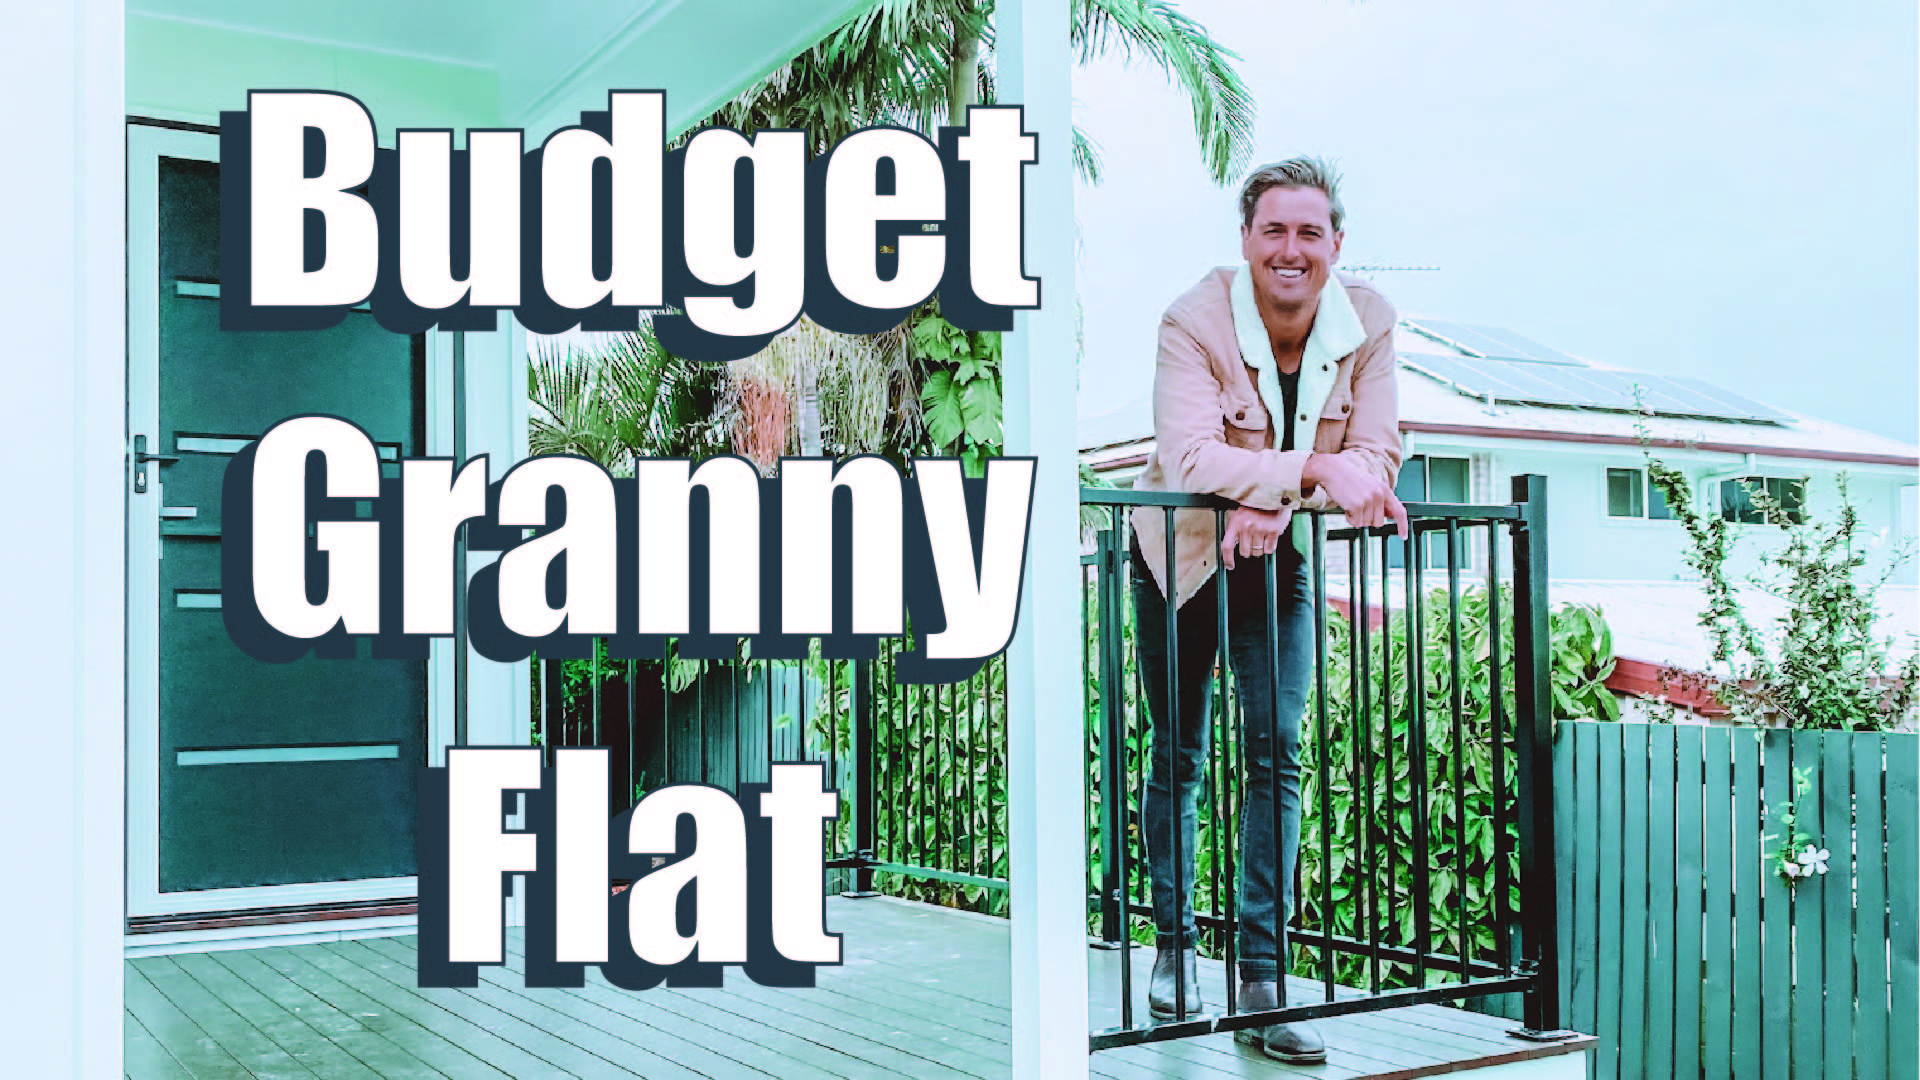 L – Budget